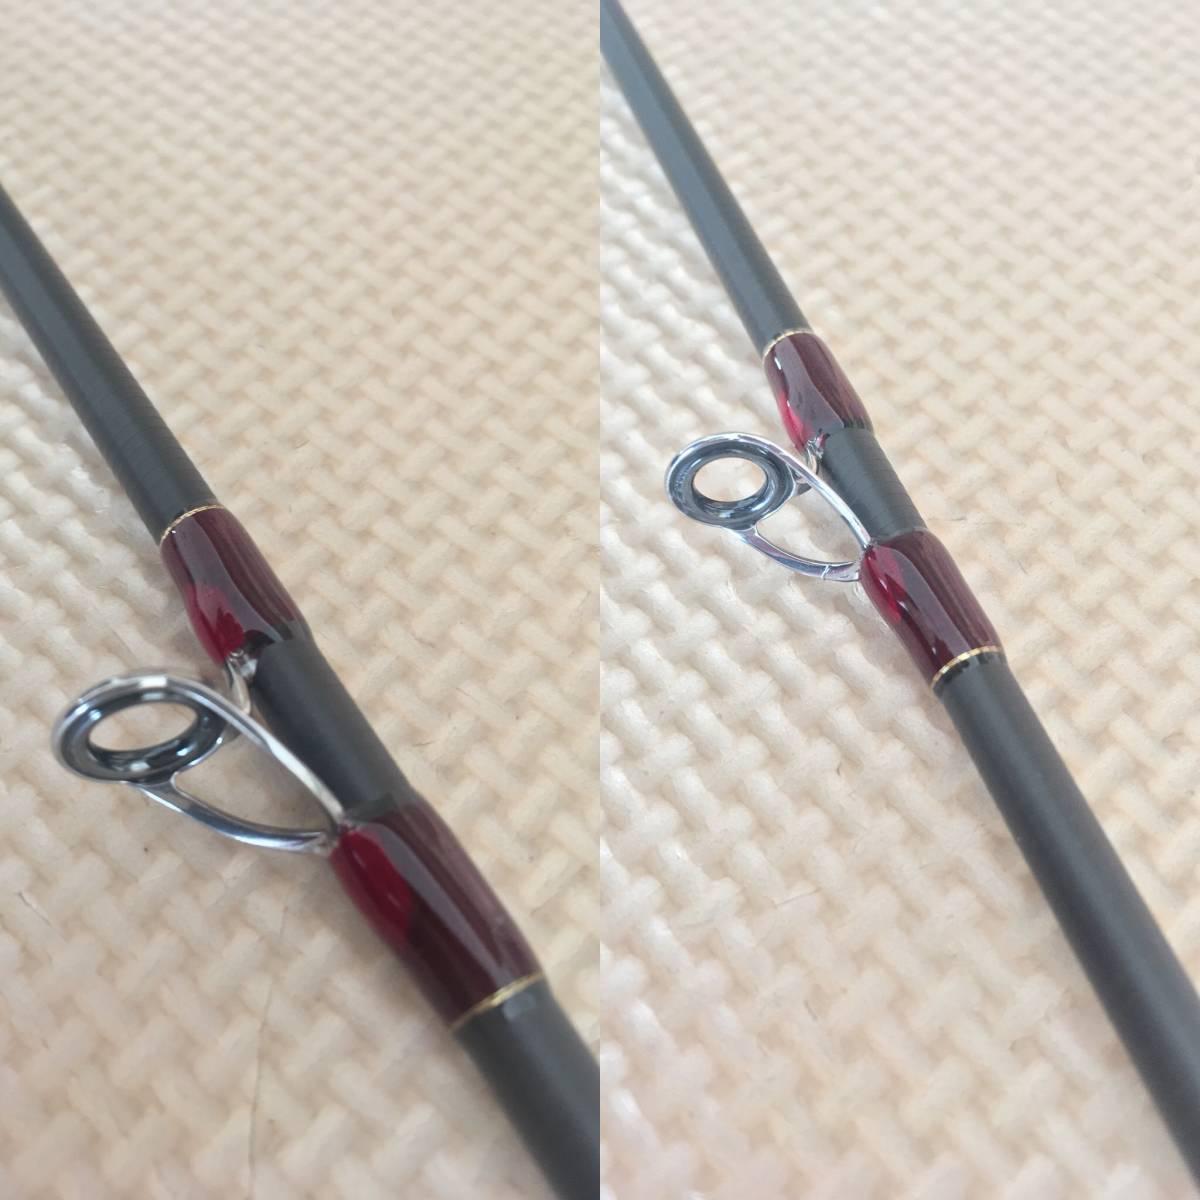 新品 TENRYU(テンリュウ)Red Flip(レッドフリップ) RF661B-L (TAI-RUBBER)  保証書・袋付 タイラバロッド-日本代购网图片6链接